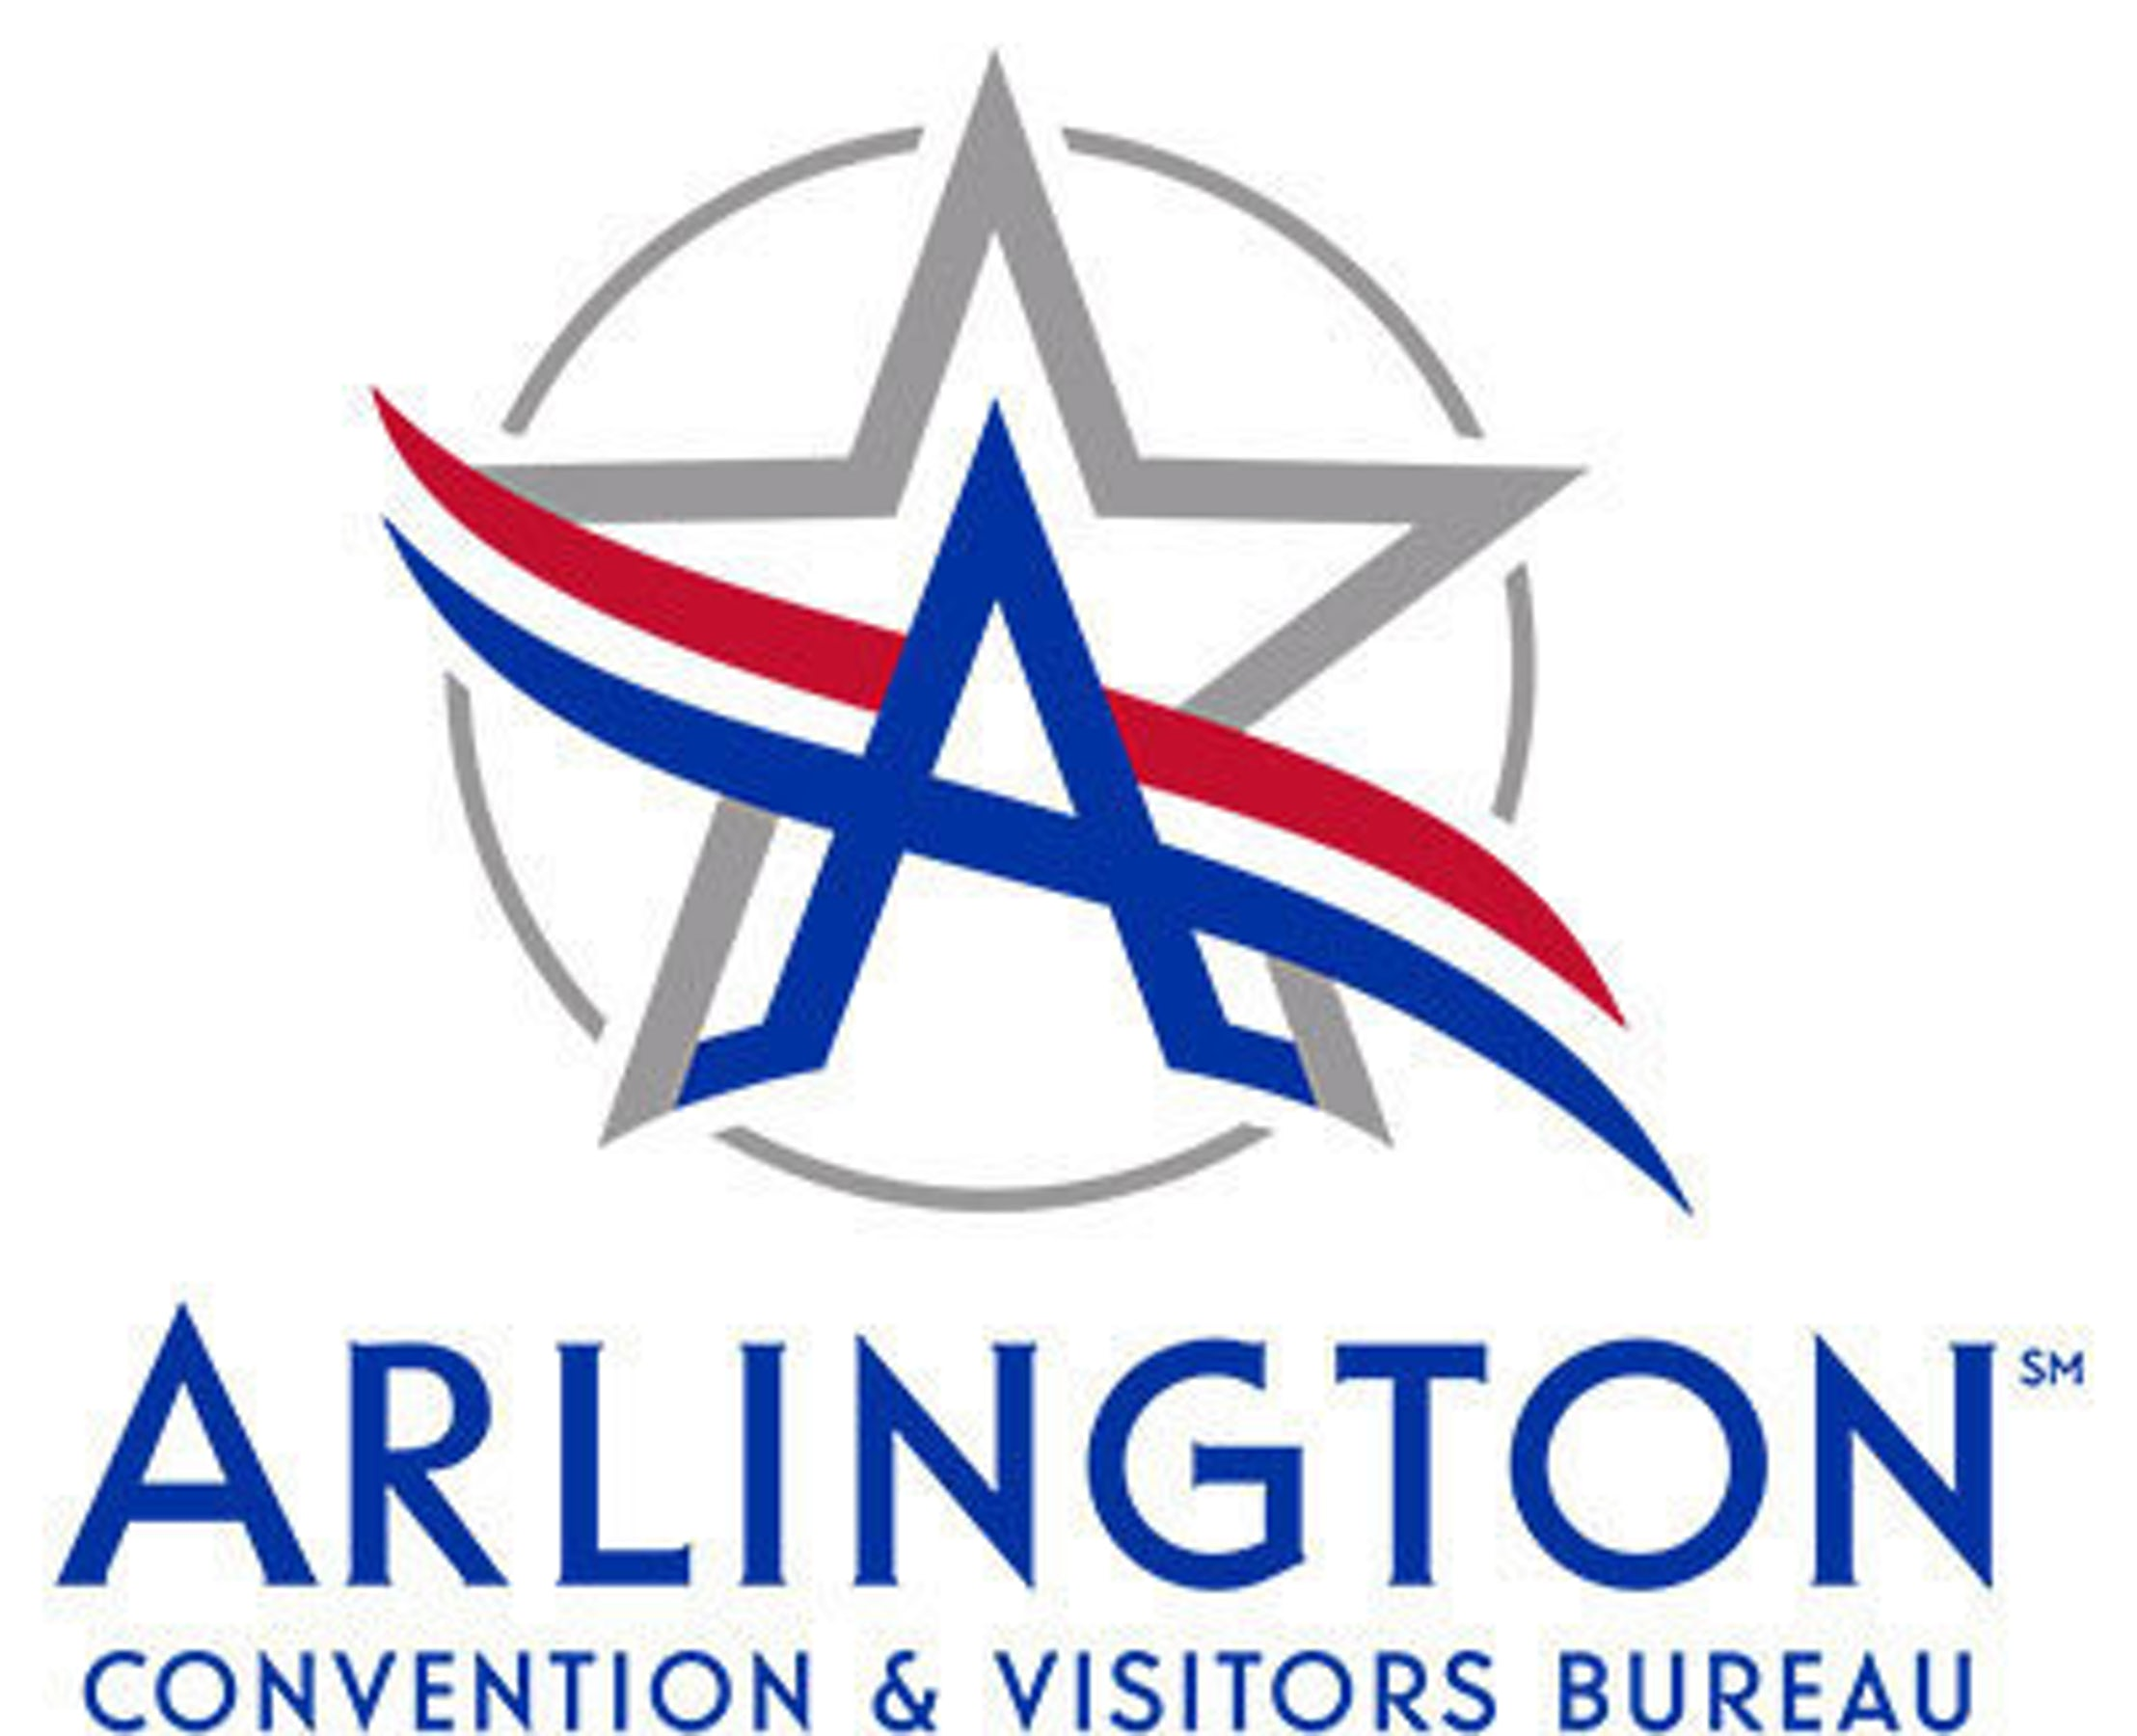 Arlington Convention & Visitors Bureau in Beyond Dallas